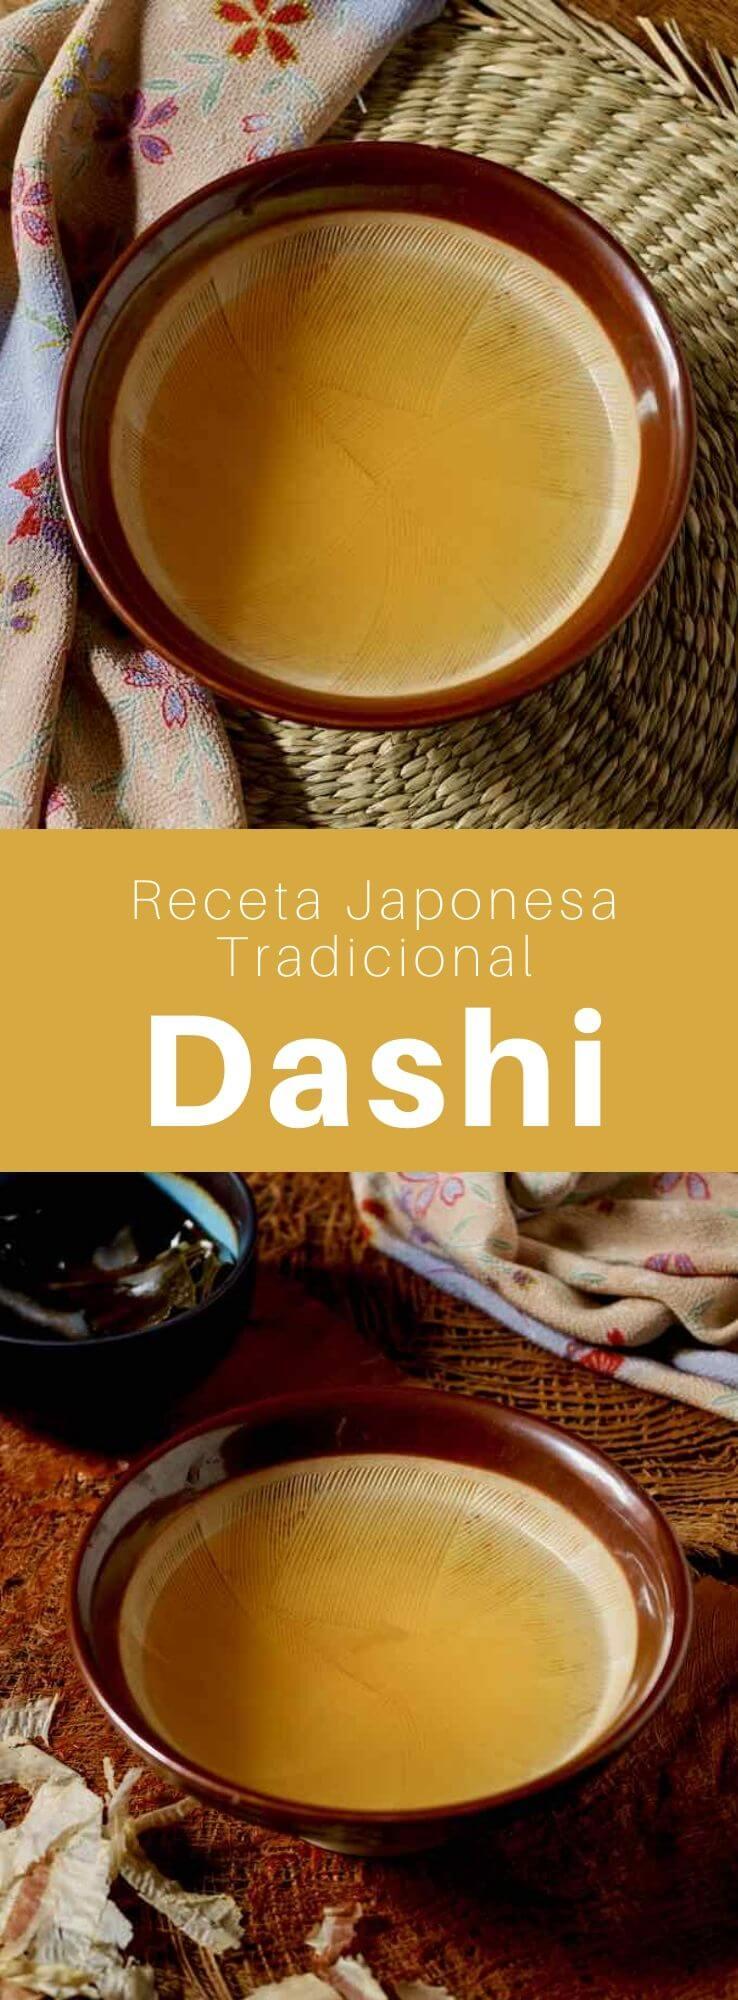 El dashi (出 汁) es un delicioso caldo de algas konbu y katsuobushi (copos de bonito secos) que es un elemento básico en la cocina japonesa.